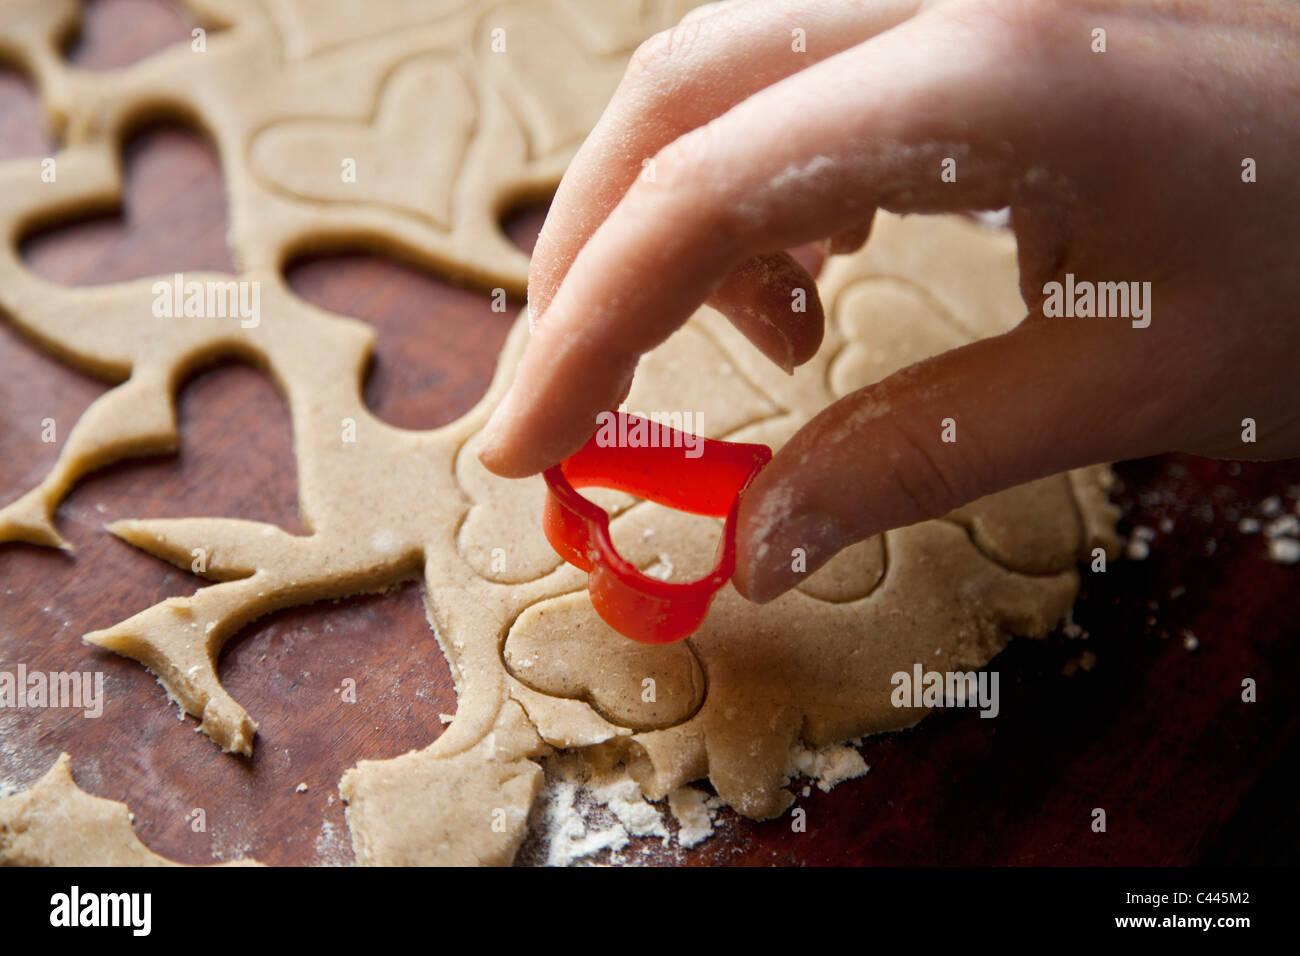 Detail einer Hand mit einem Ausstecher Herz Form Stockbild